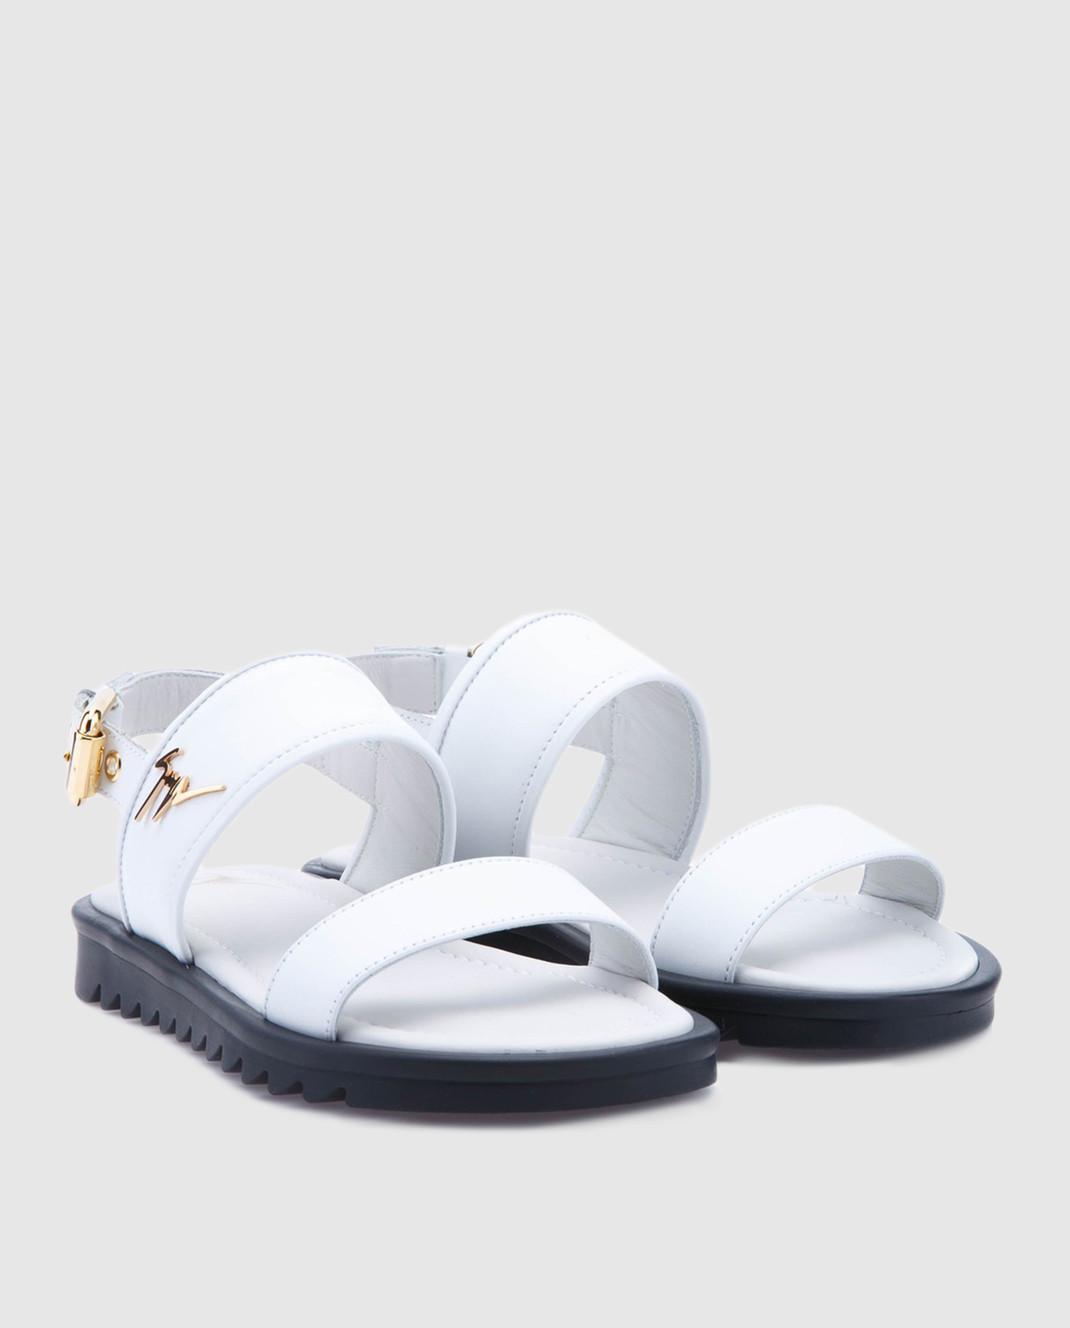 Giuseppe Zanotti Белые кожаные сандалии  SBE8409002 изображение 2